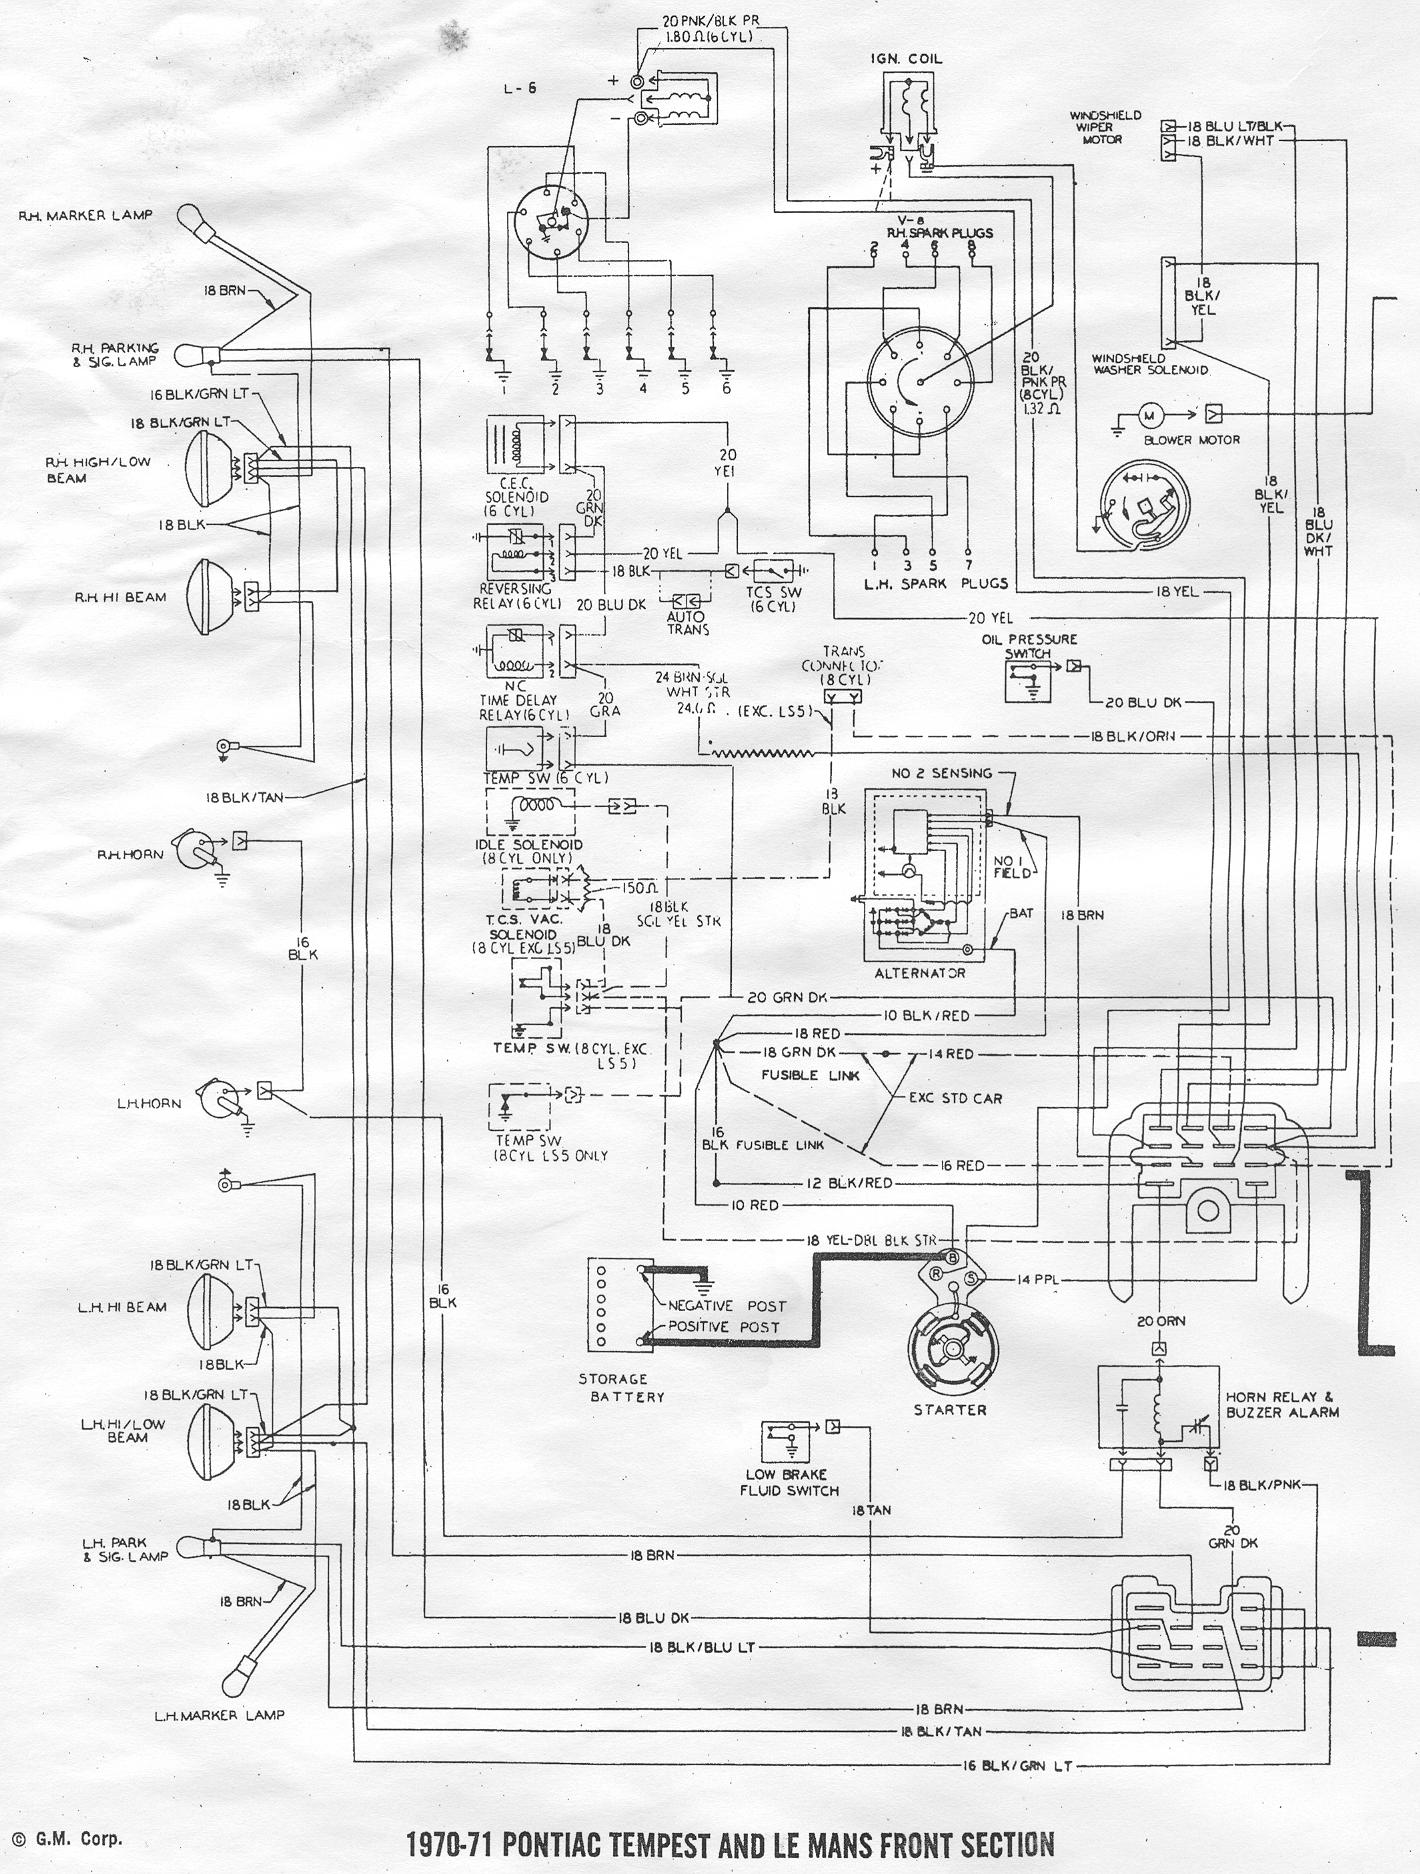 2010 camaro wiring schematic 2010 image wiring diagram 1994 camaro wiring diagram 1994 image wiring diagram on 2010 camaro wiring schematic